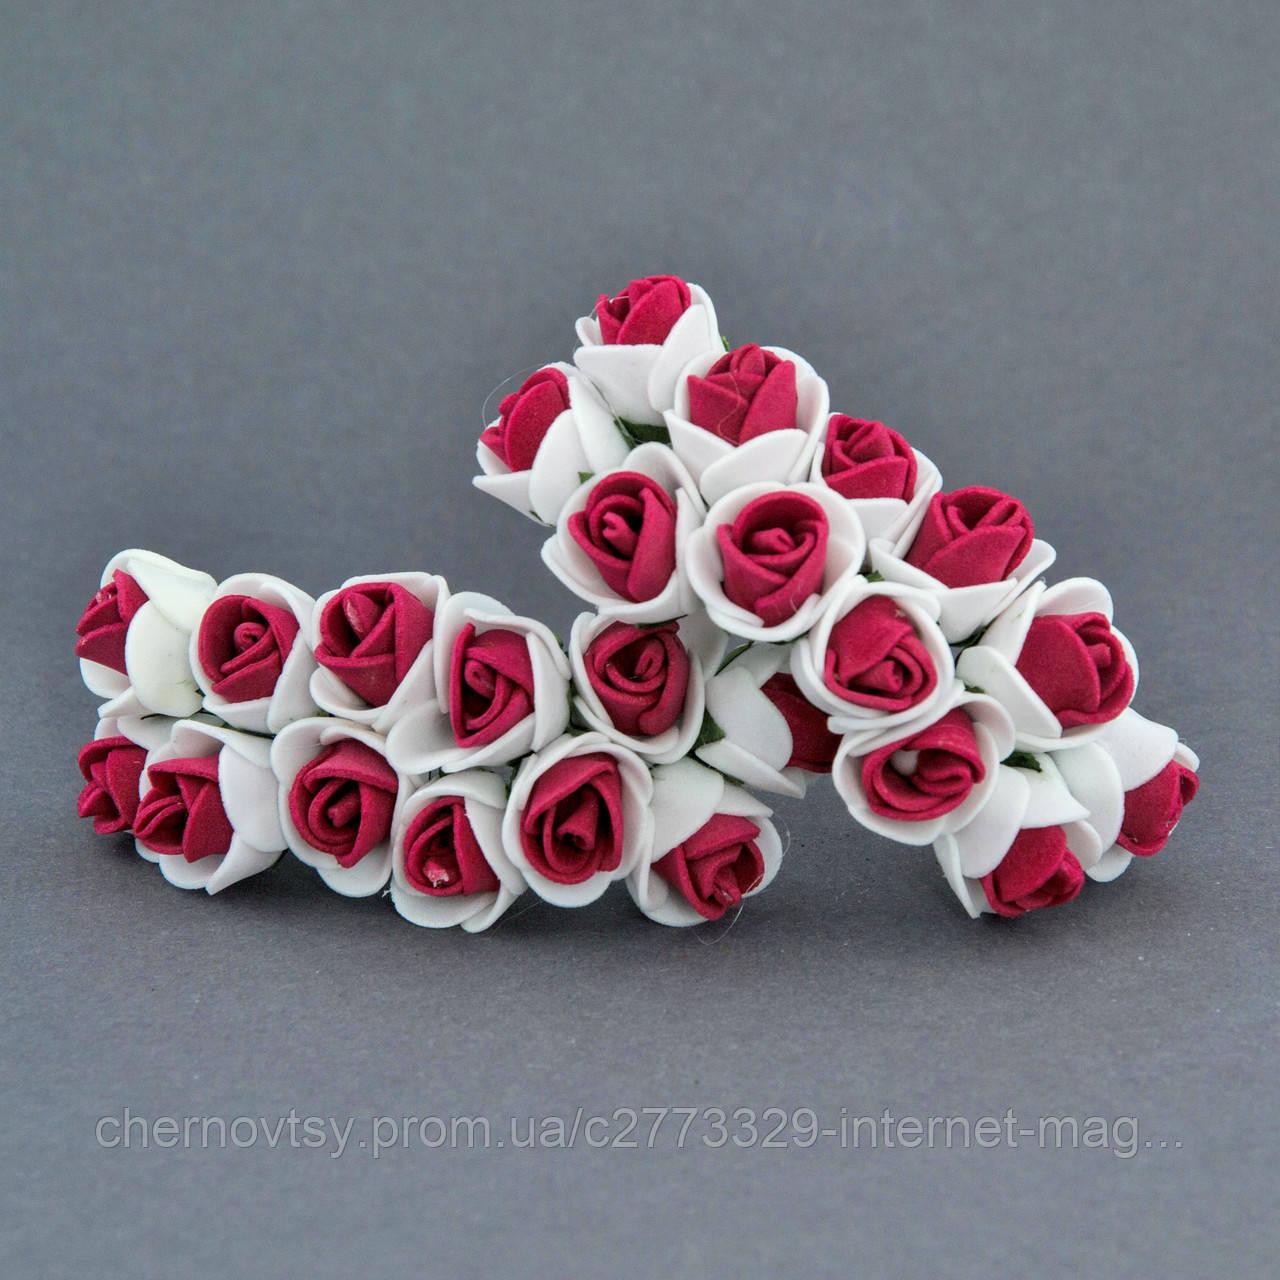 Троянди з фоамірану 2.5 см, уп. 144 шт.